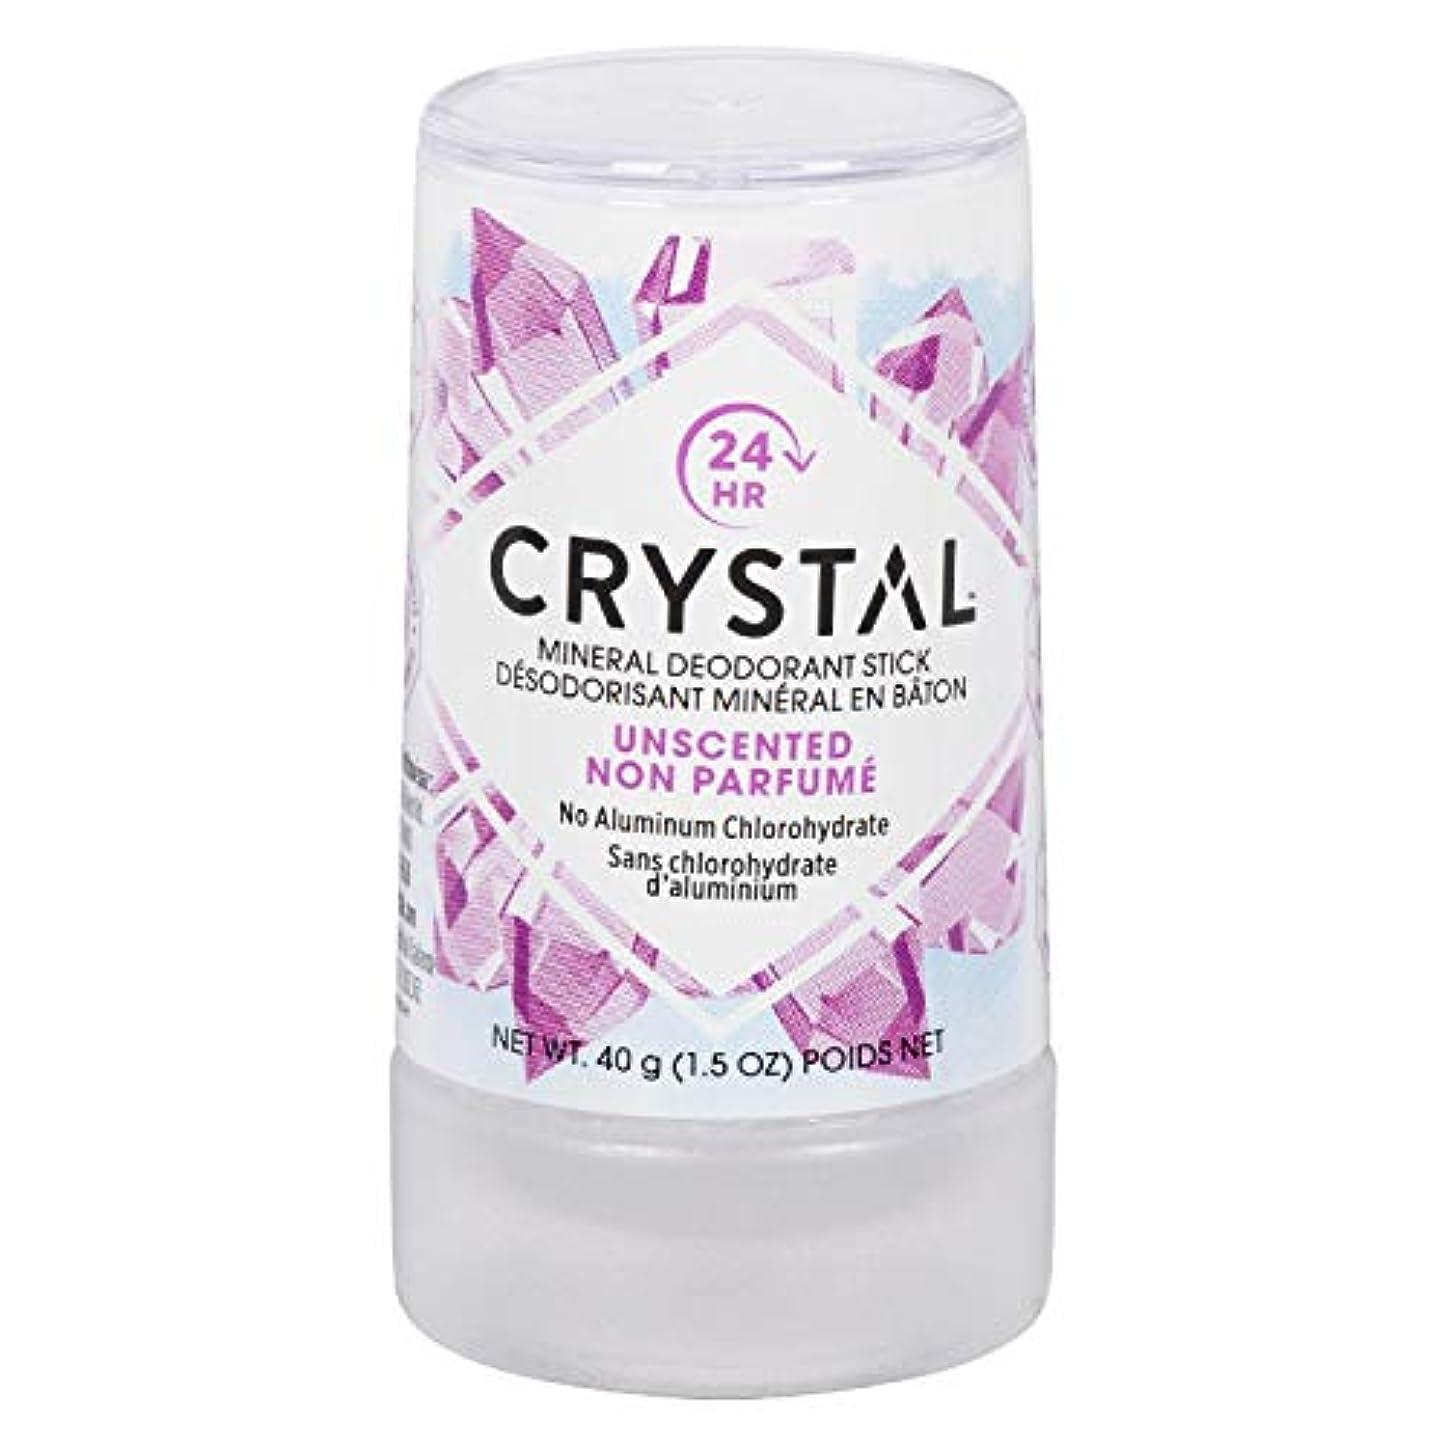 合併確実クラックCrystal Body Deodorant, ミネラルデオドラントスティック、無香料、1.5 oz (40 g)